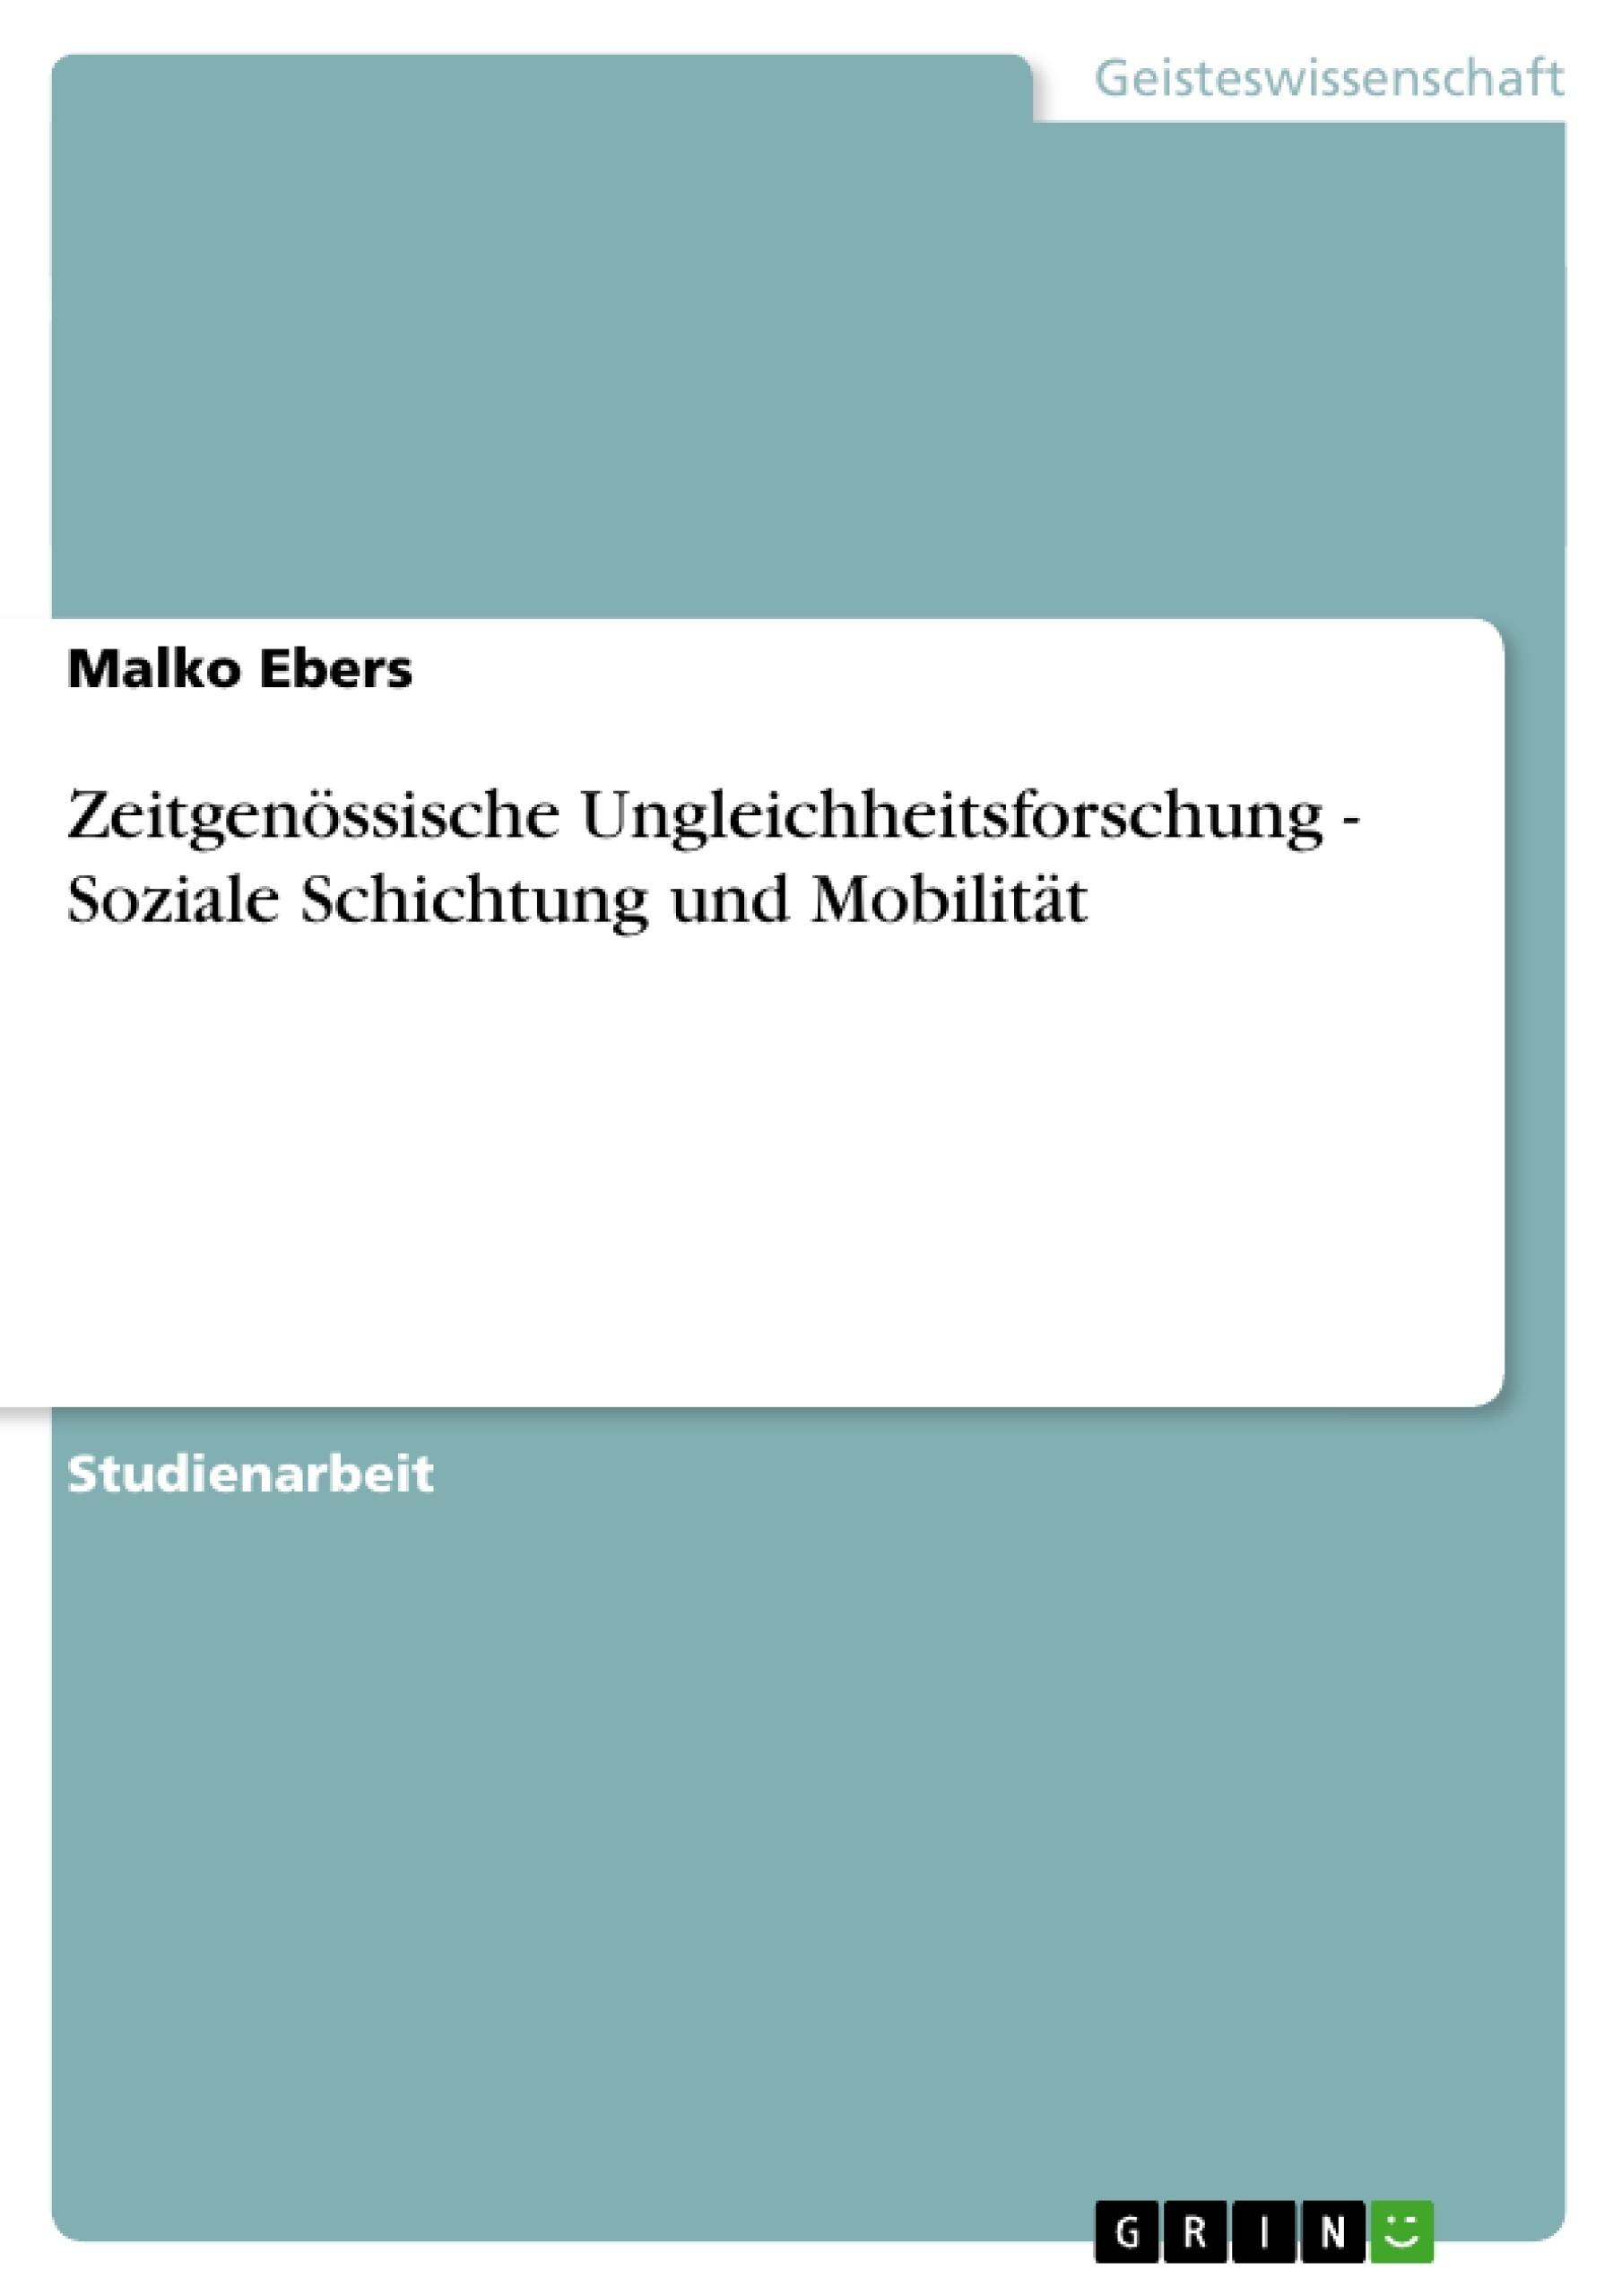 Titel: Zeitgenössische Ungleichheitsforschung - Soziale Schichtung und Mobilität